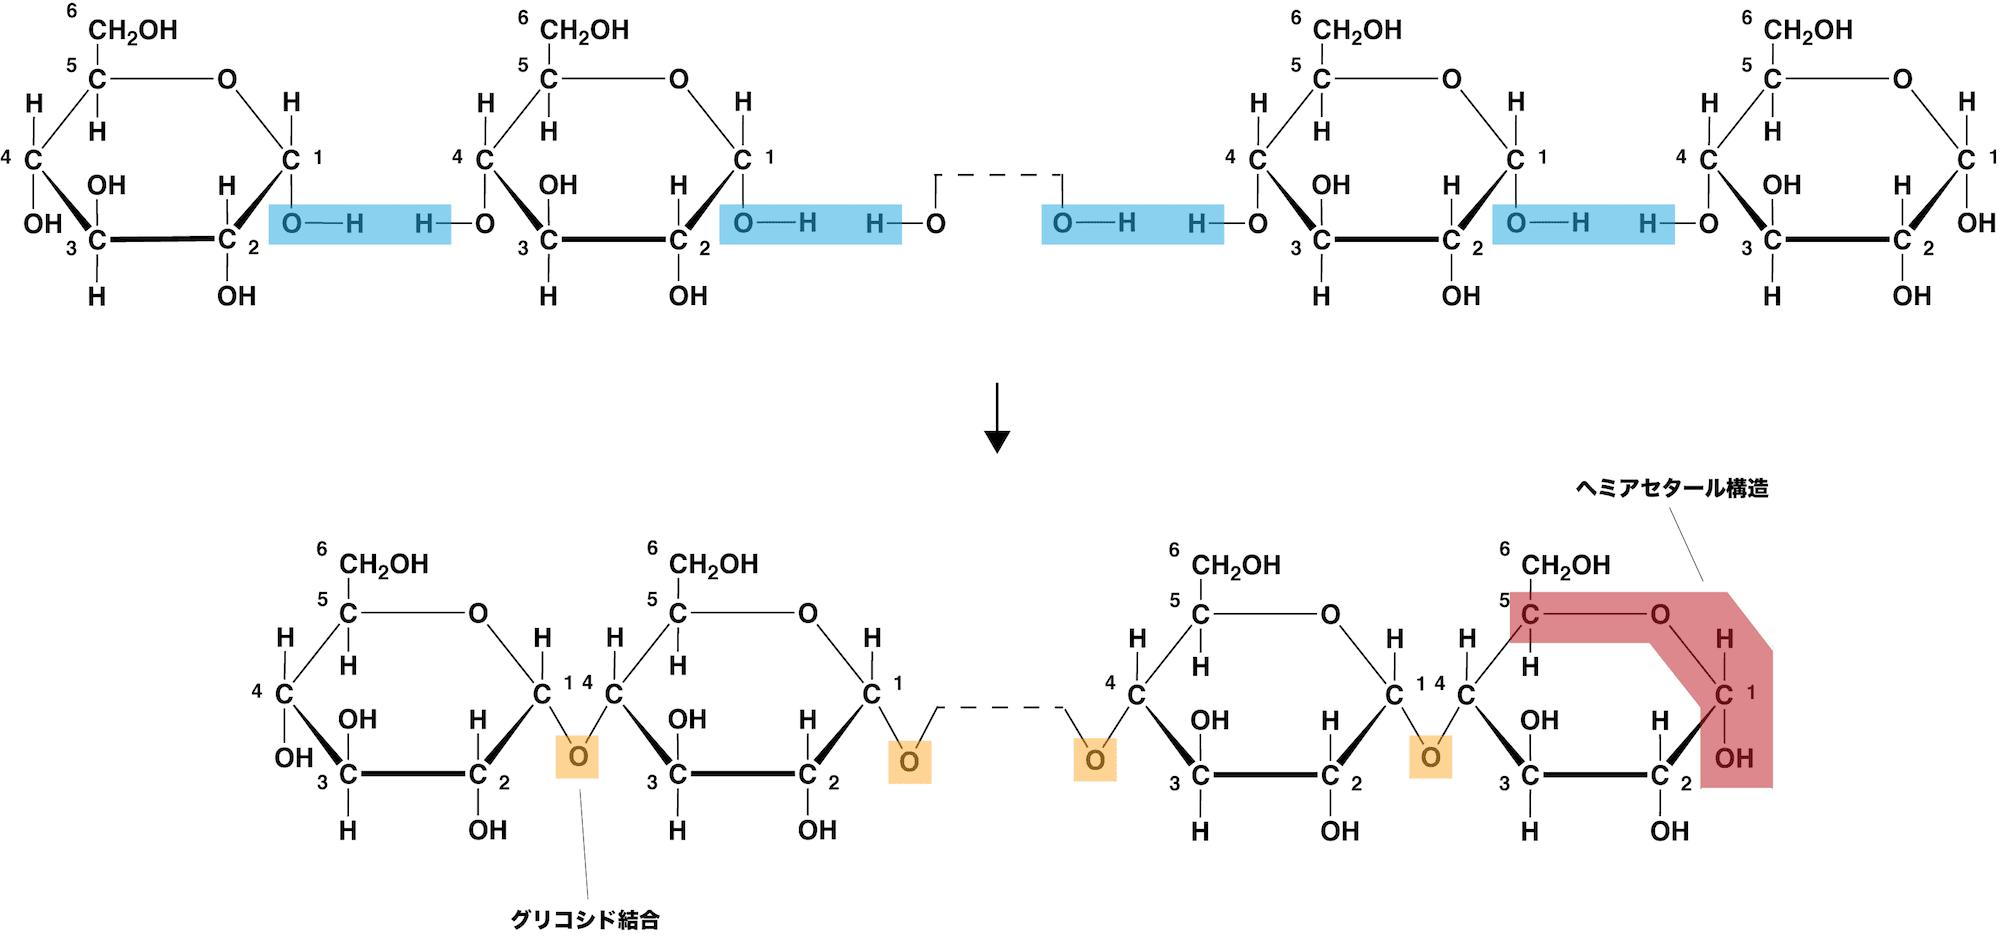 デンプン 化学式